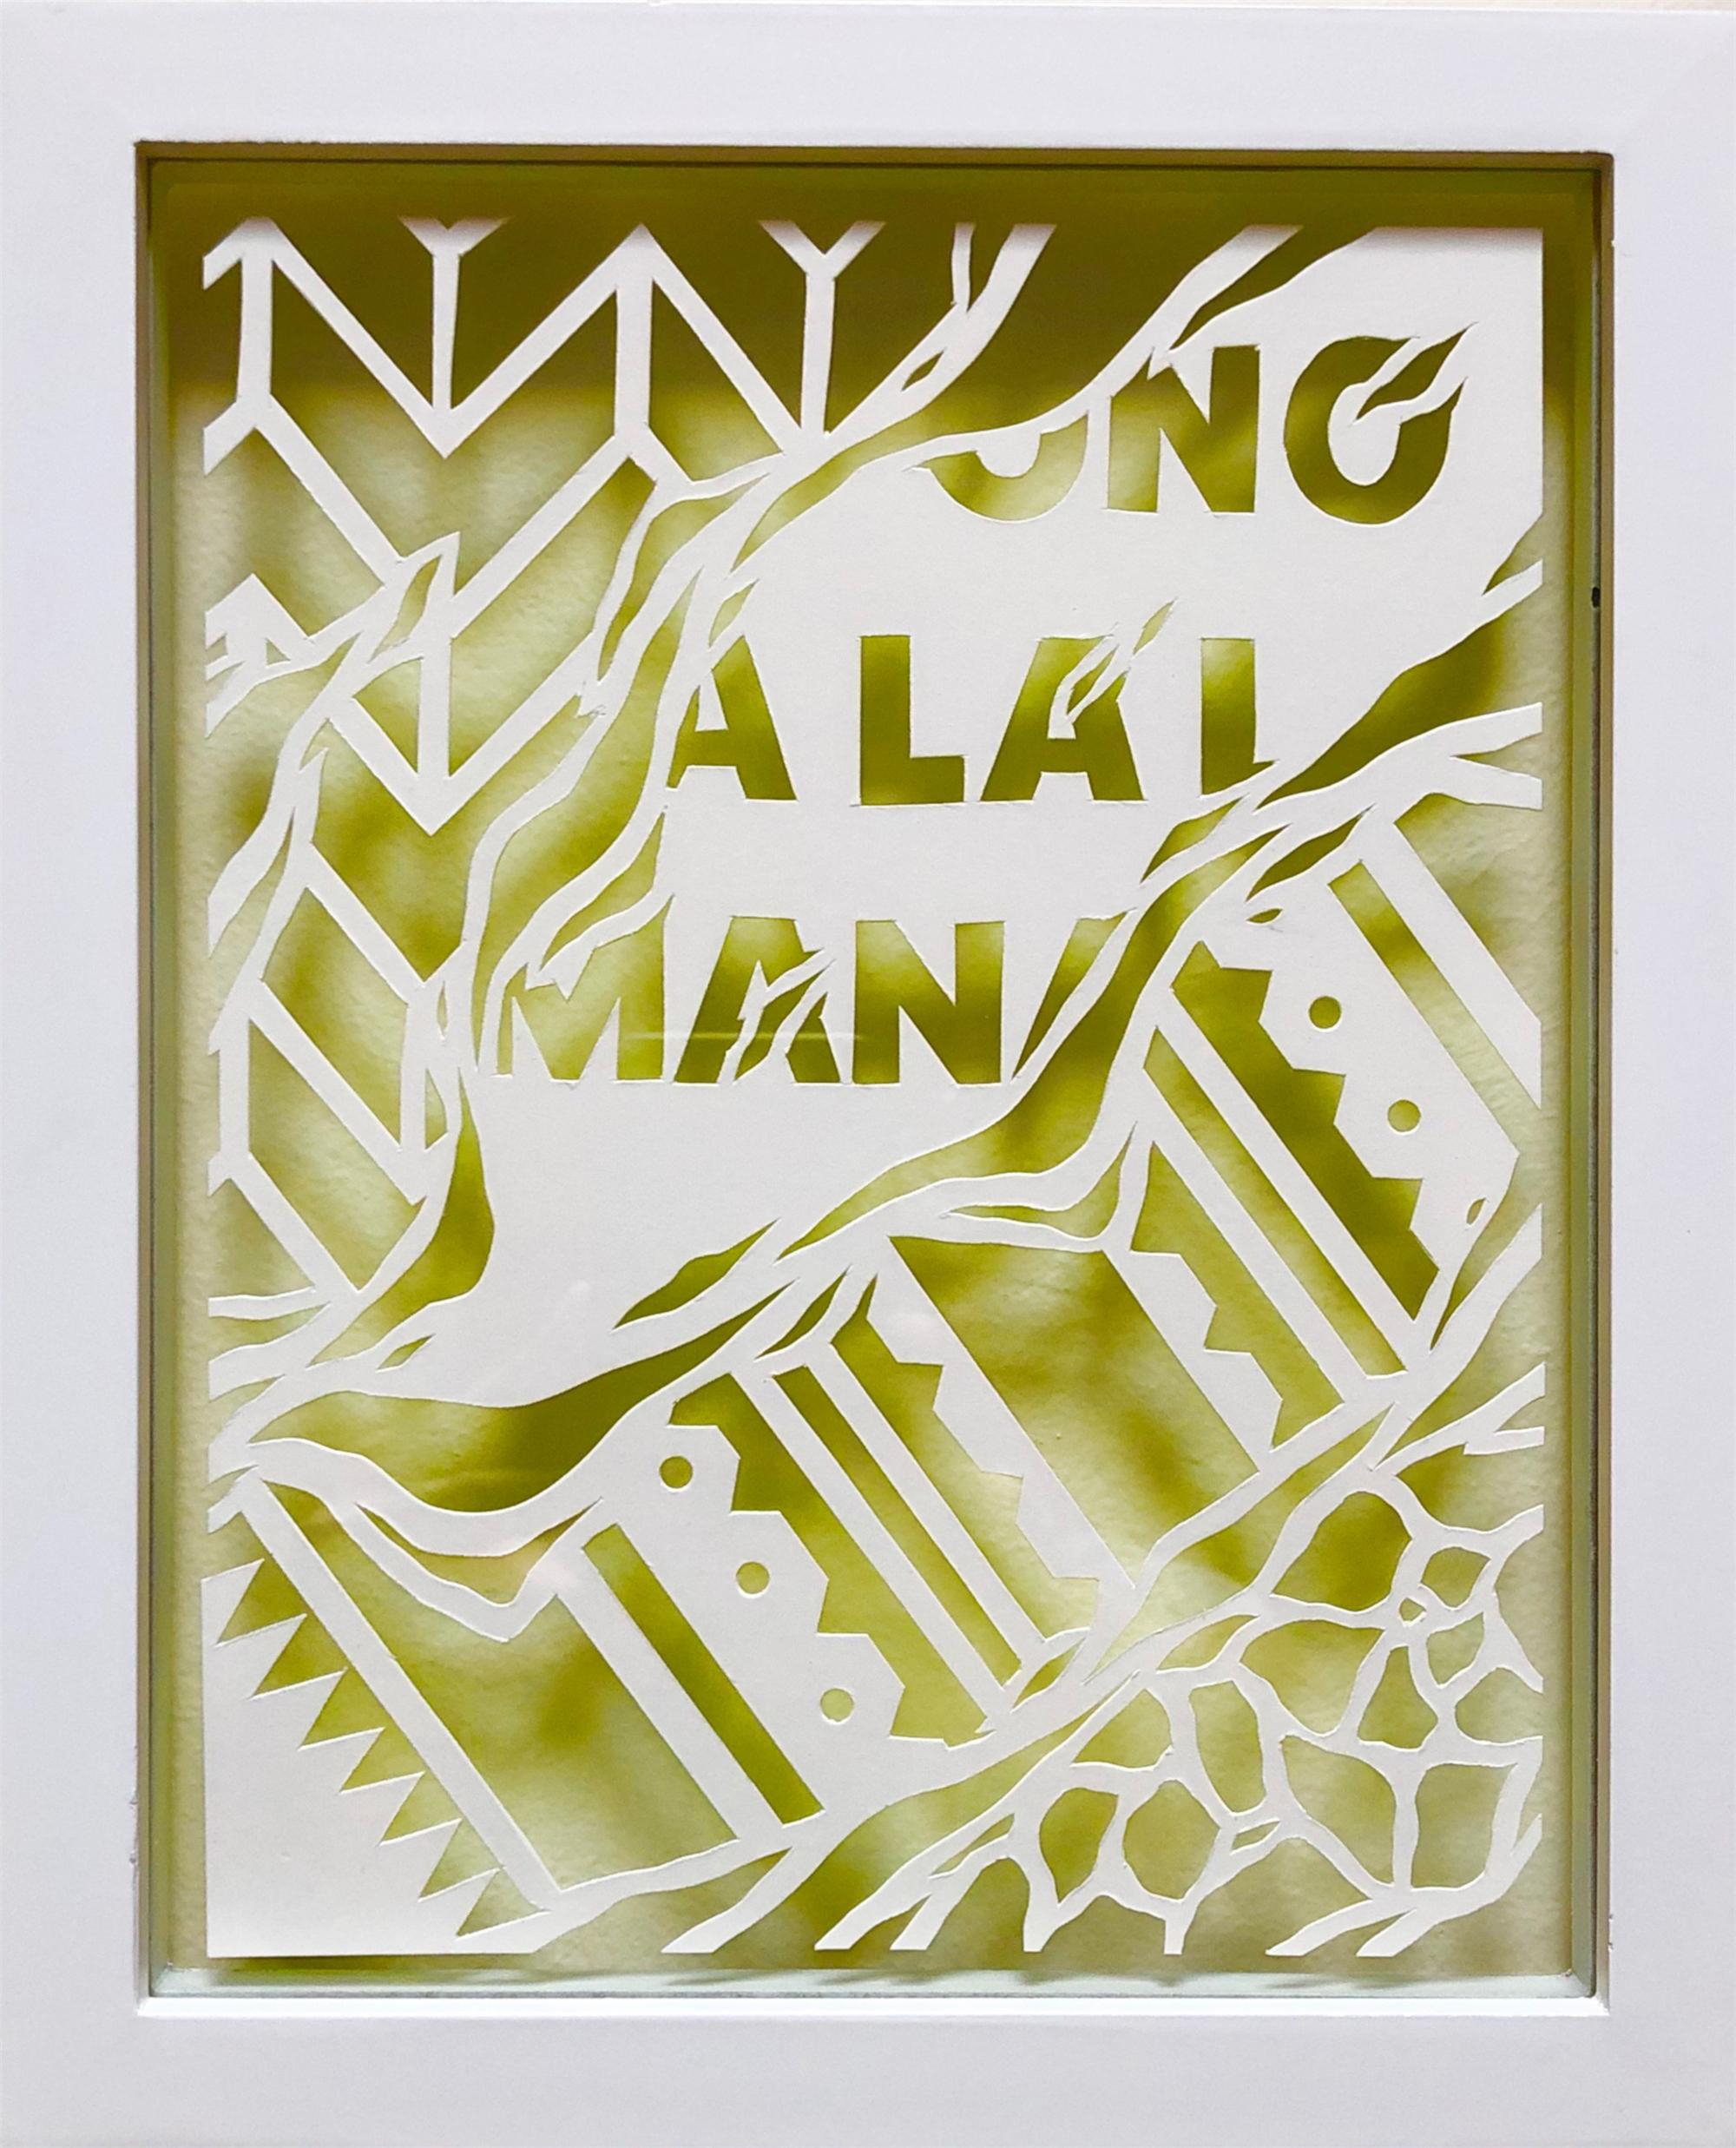 Pili Pono Ka La I Kamananui by Ian Kuali'i